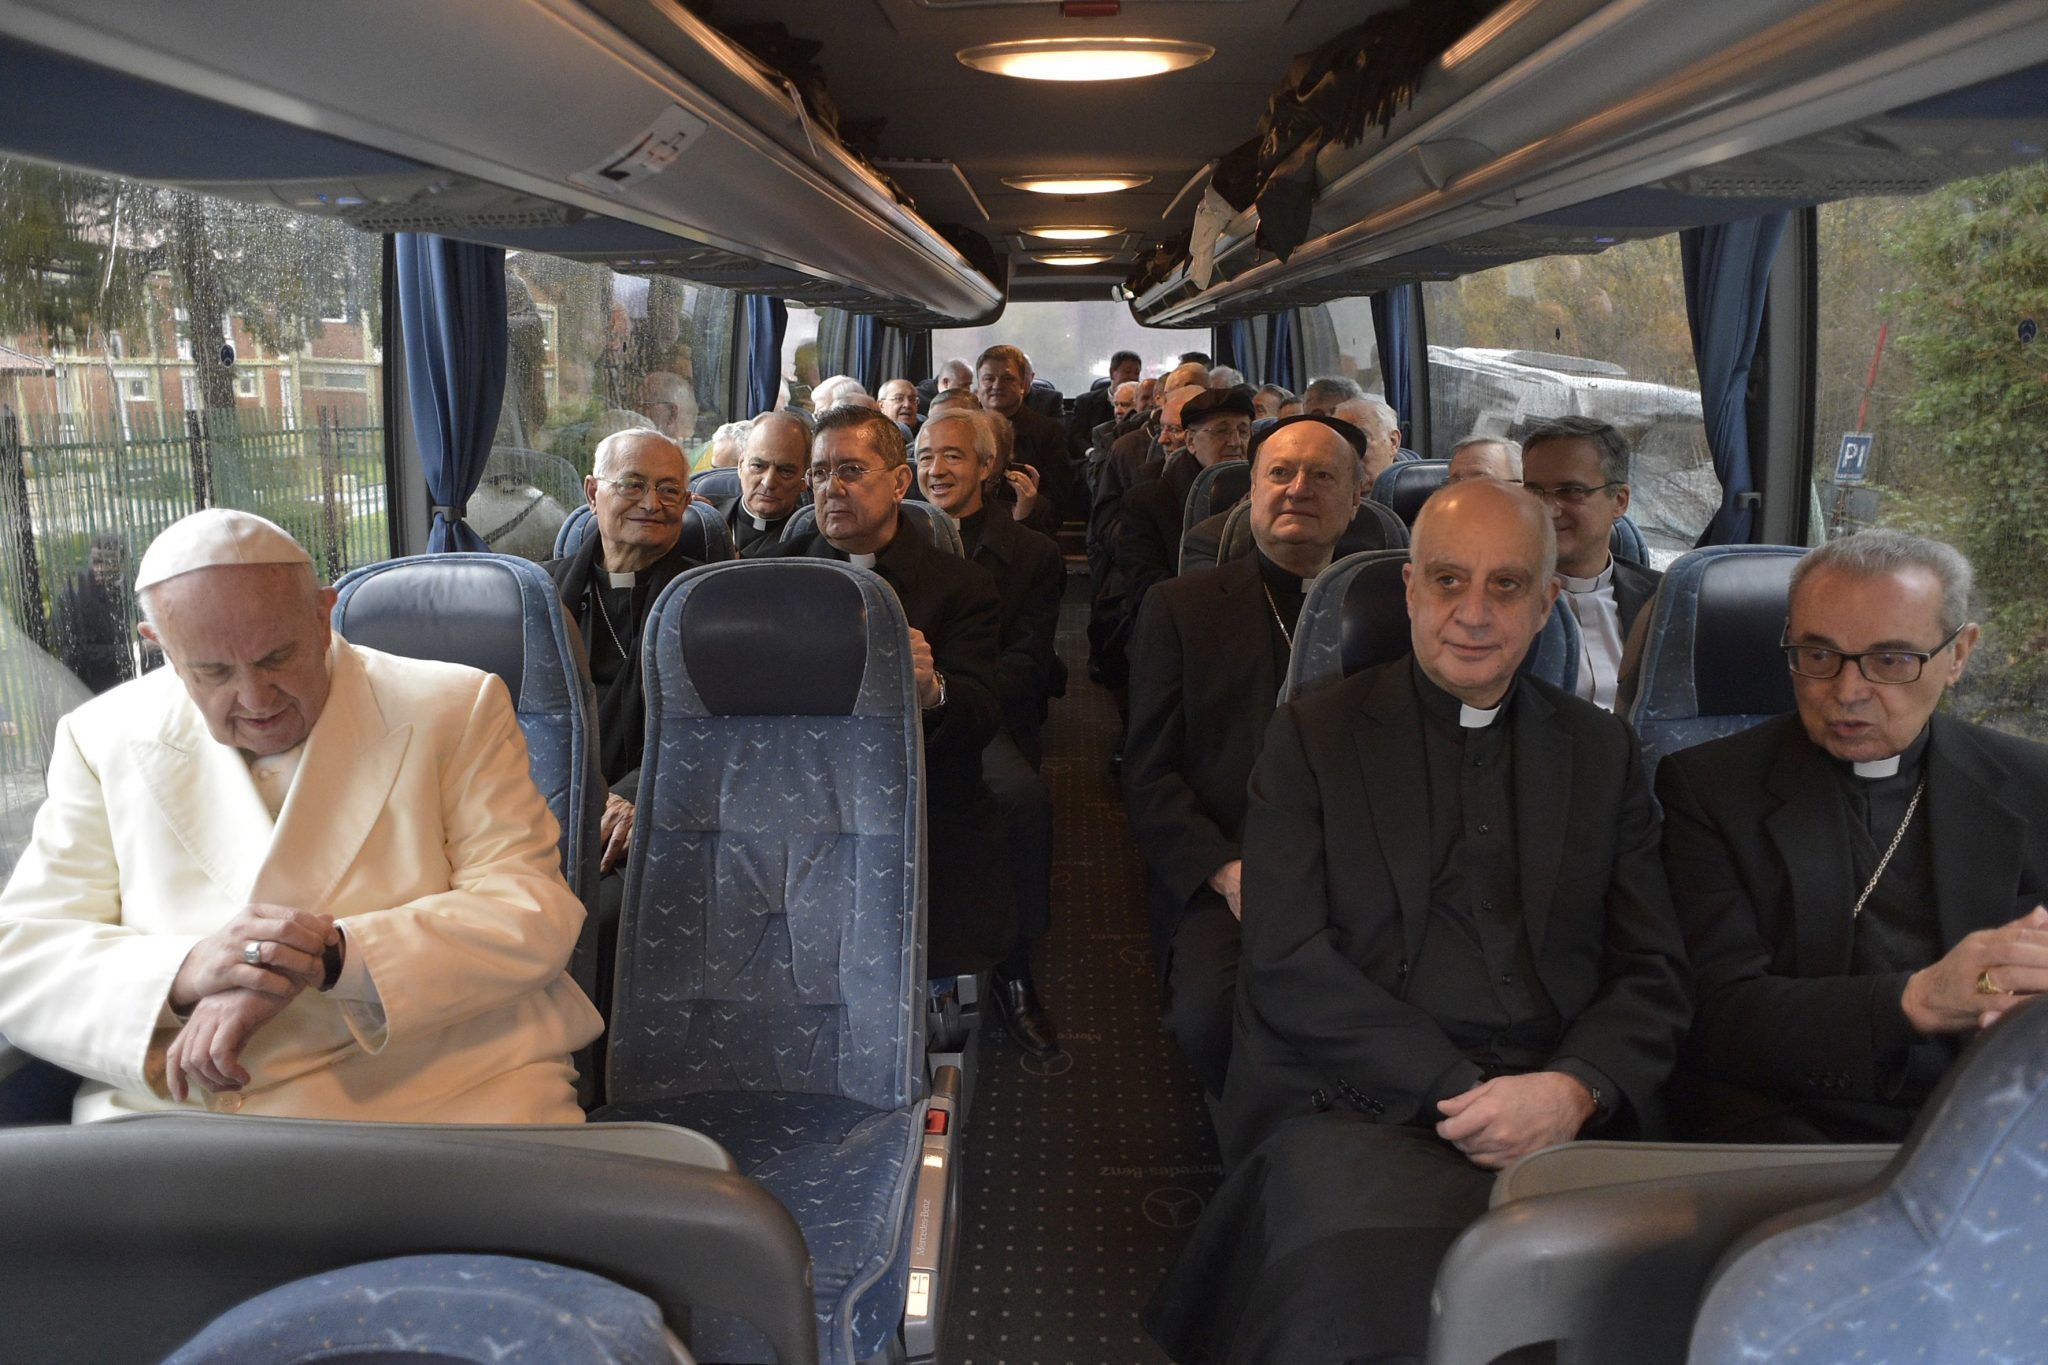 Der Papst nimmt den Bus